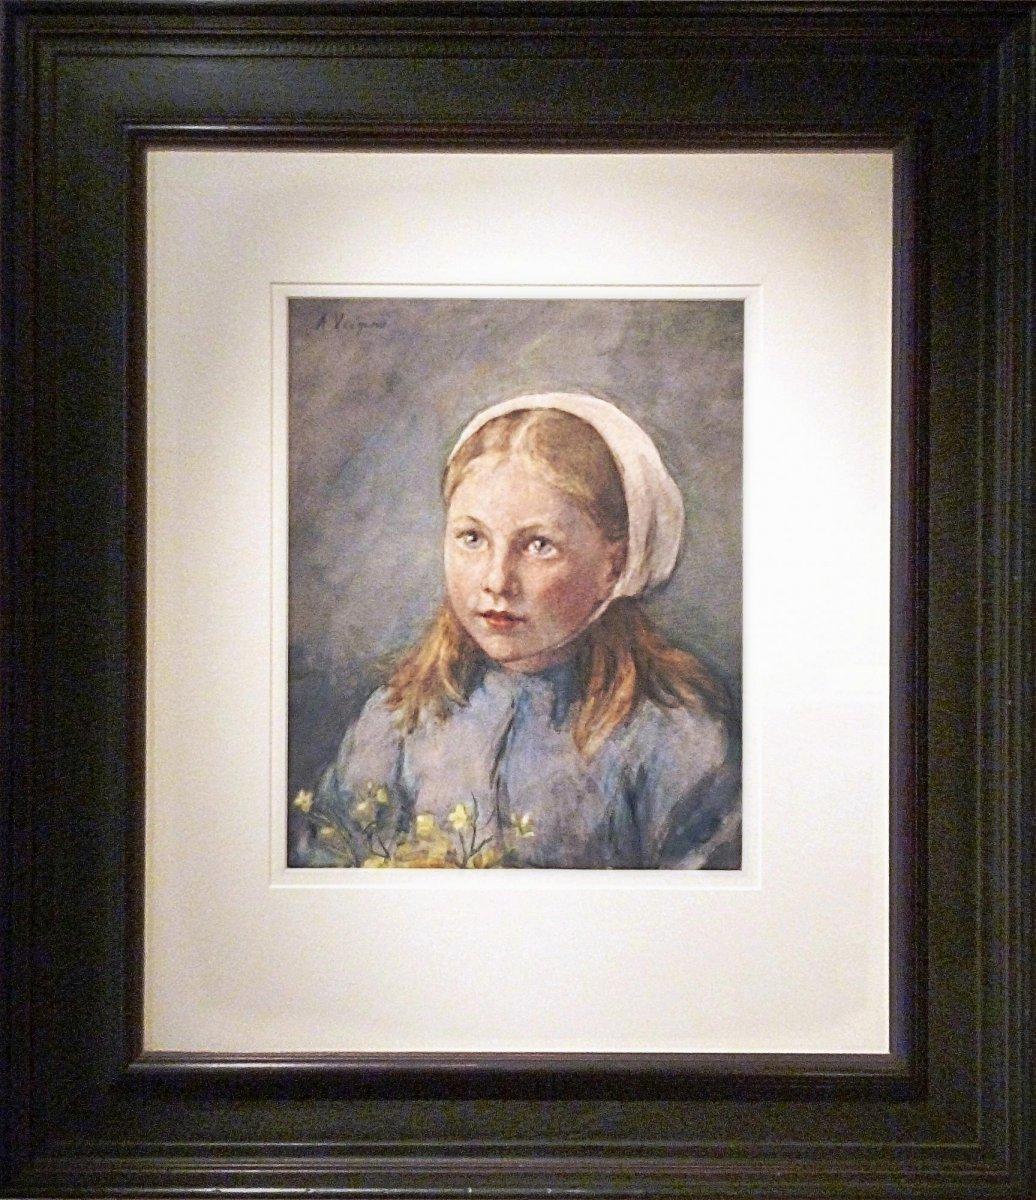 Anna Veegens - Het meisje met de boterbloemen<br>van Anna Veegens